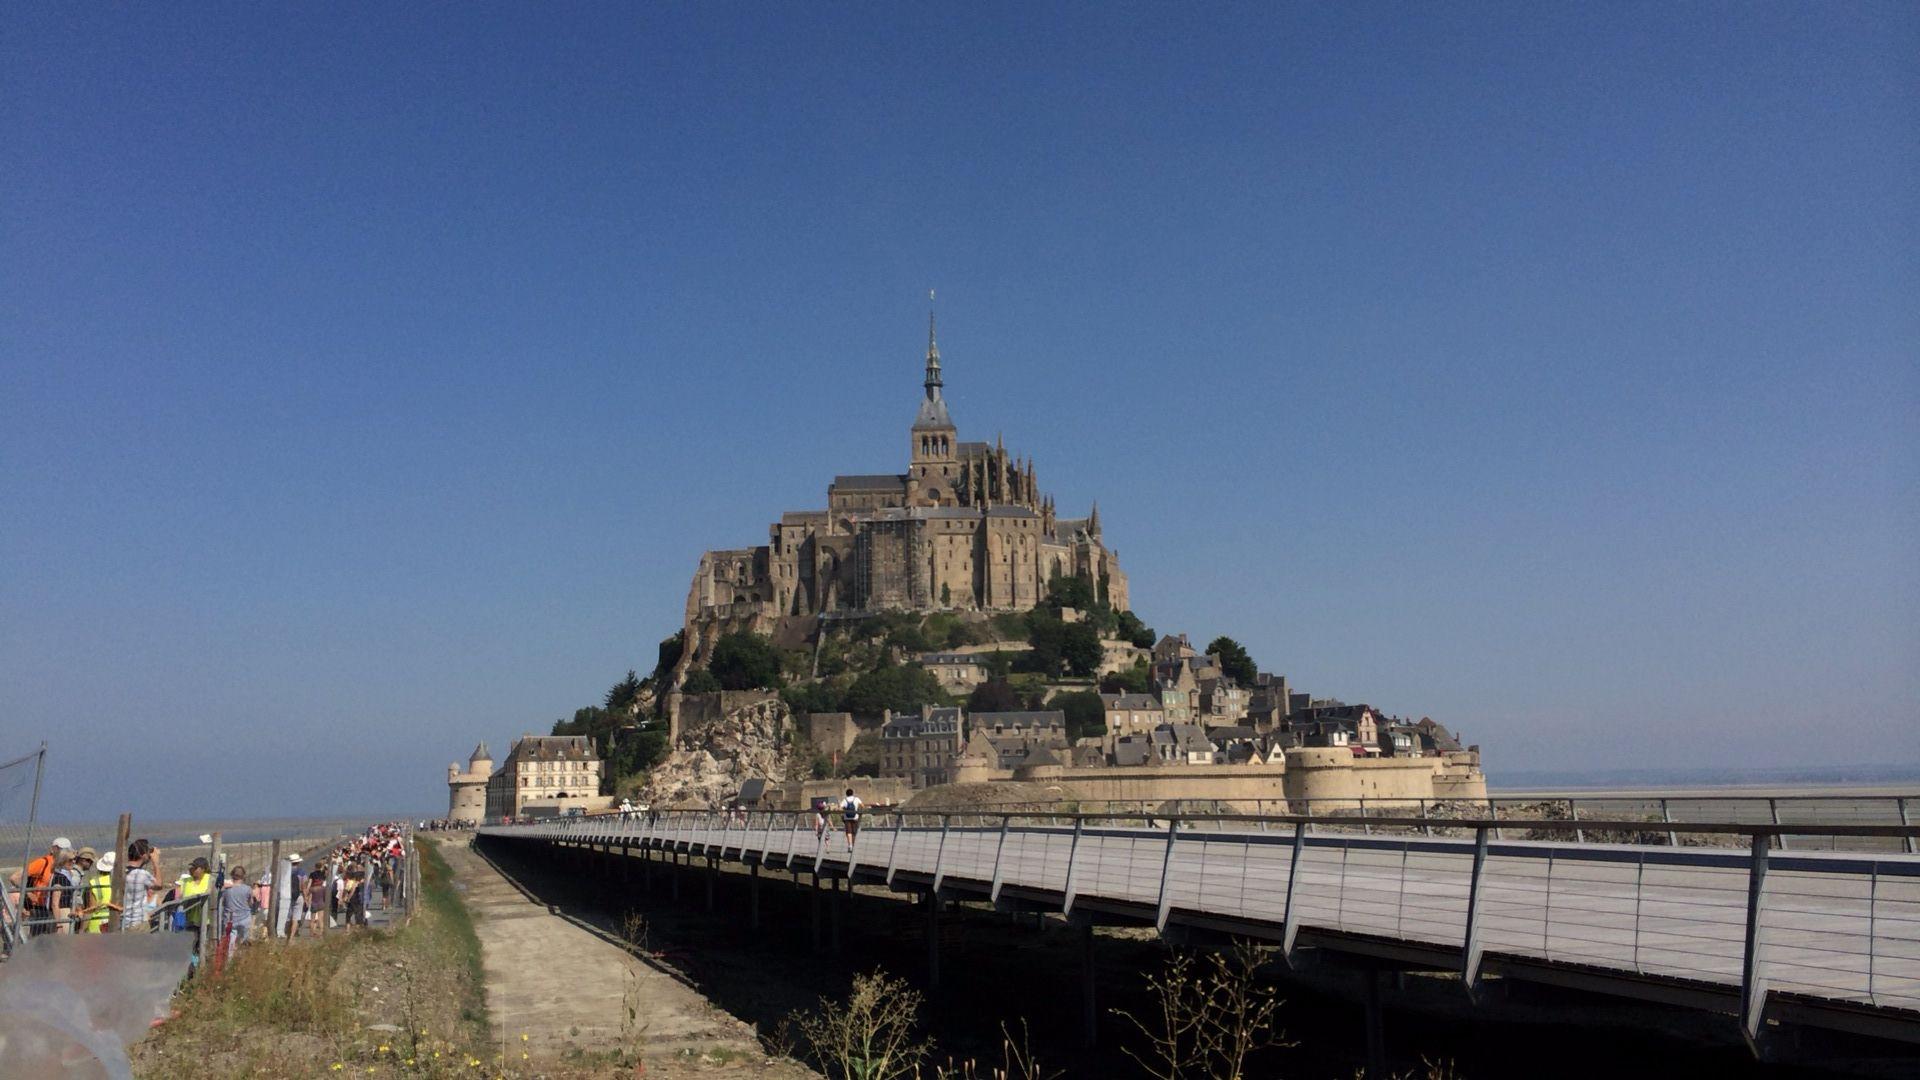 定価約450万円の航空券をマイルで獲得、夏のパリへ家族旅行!